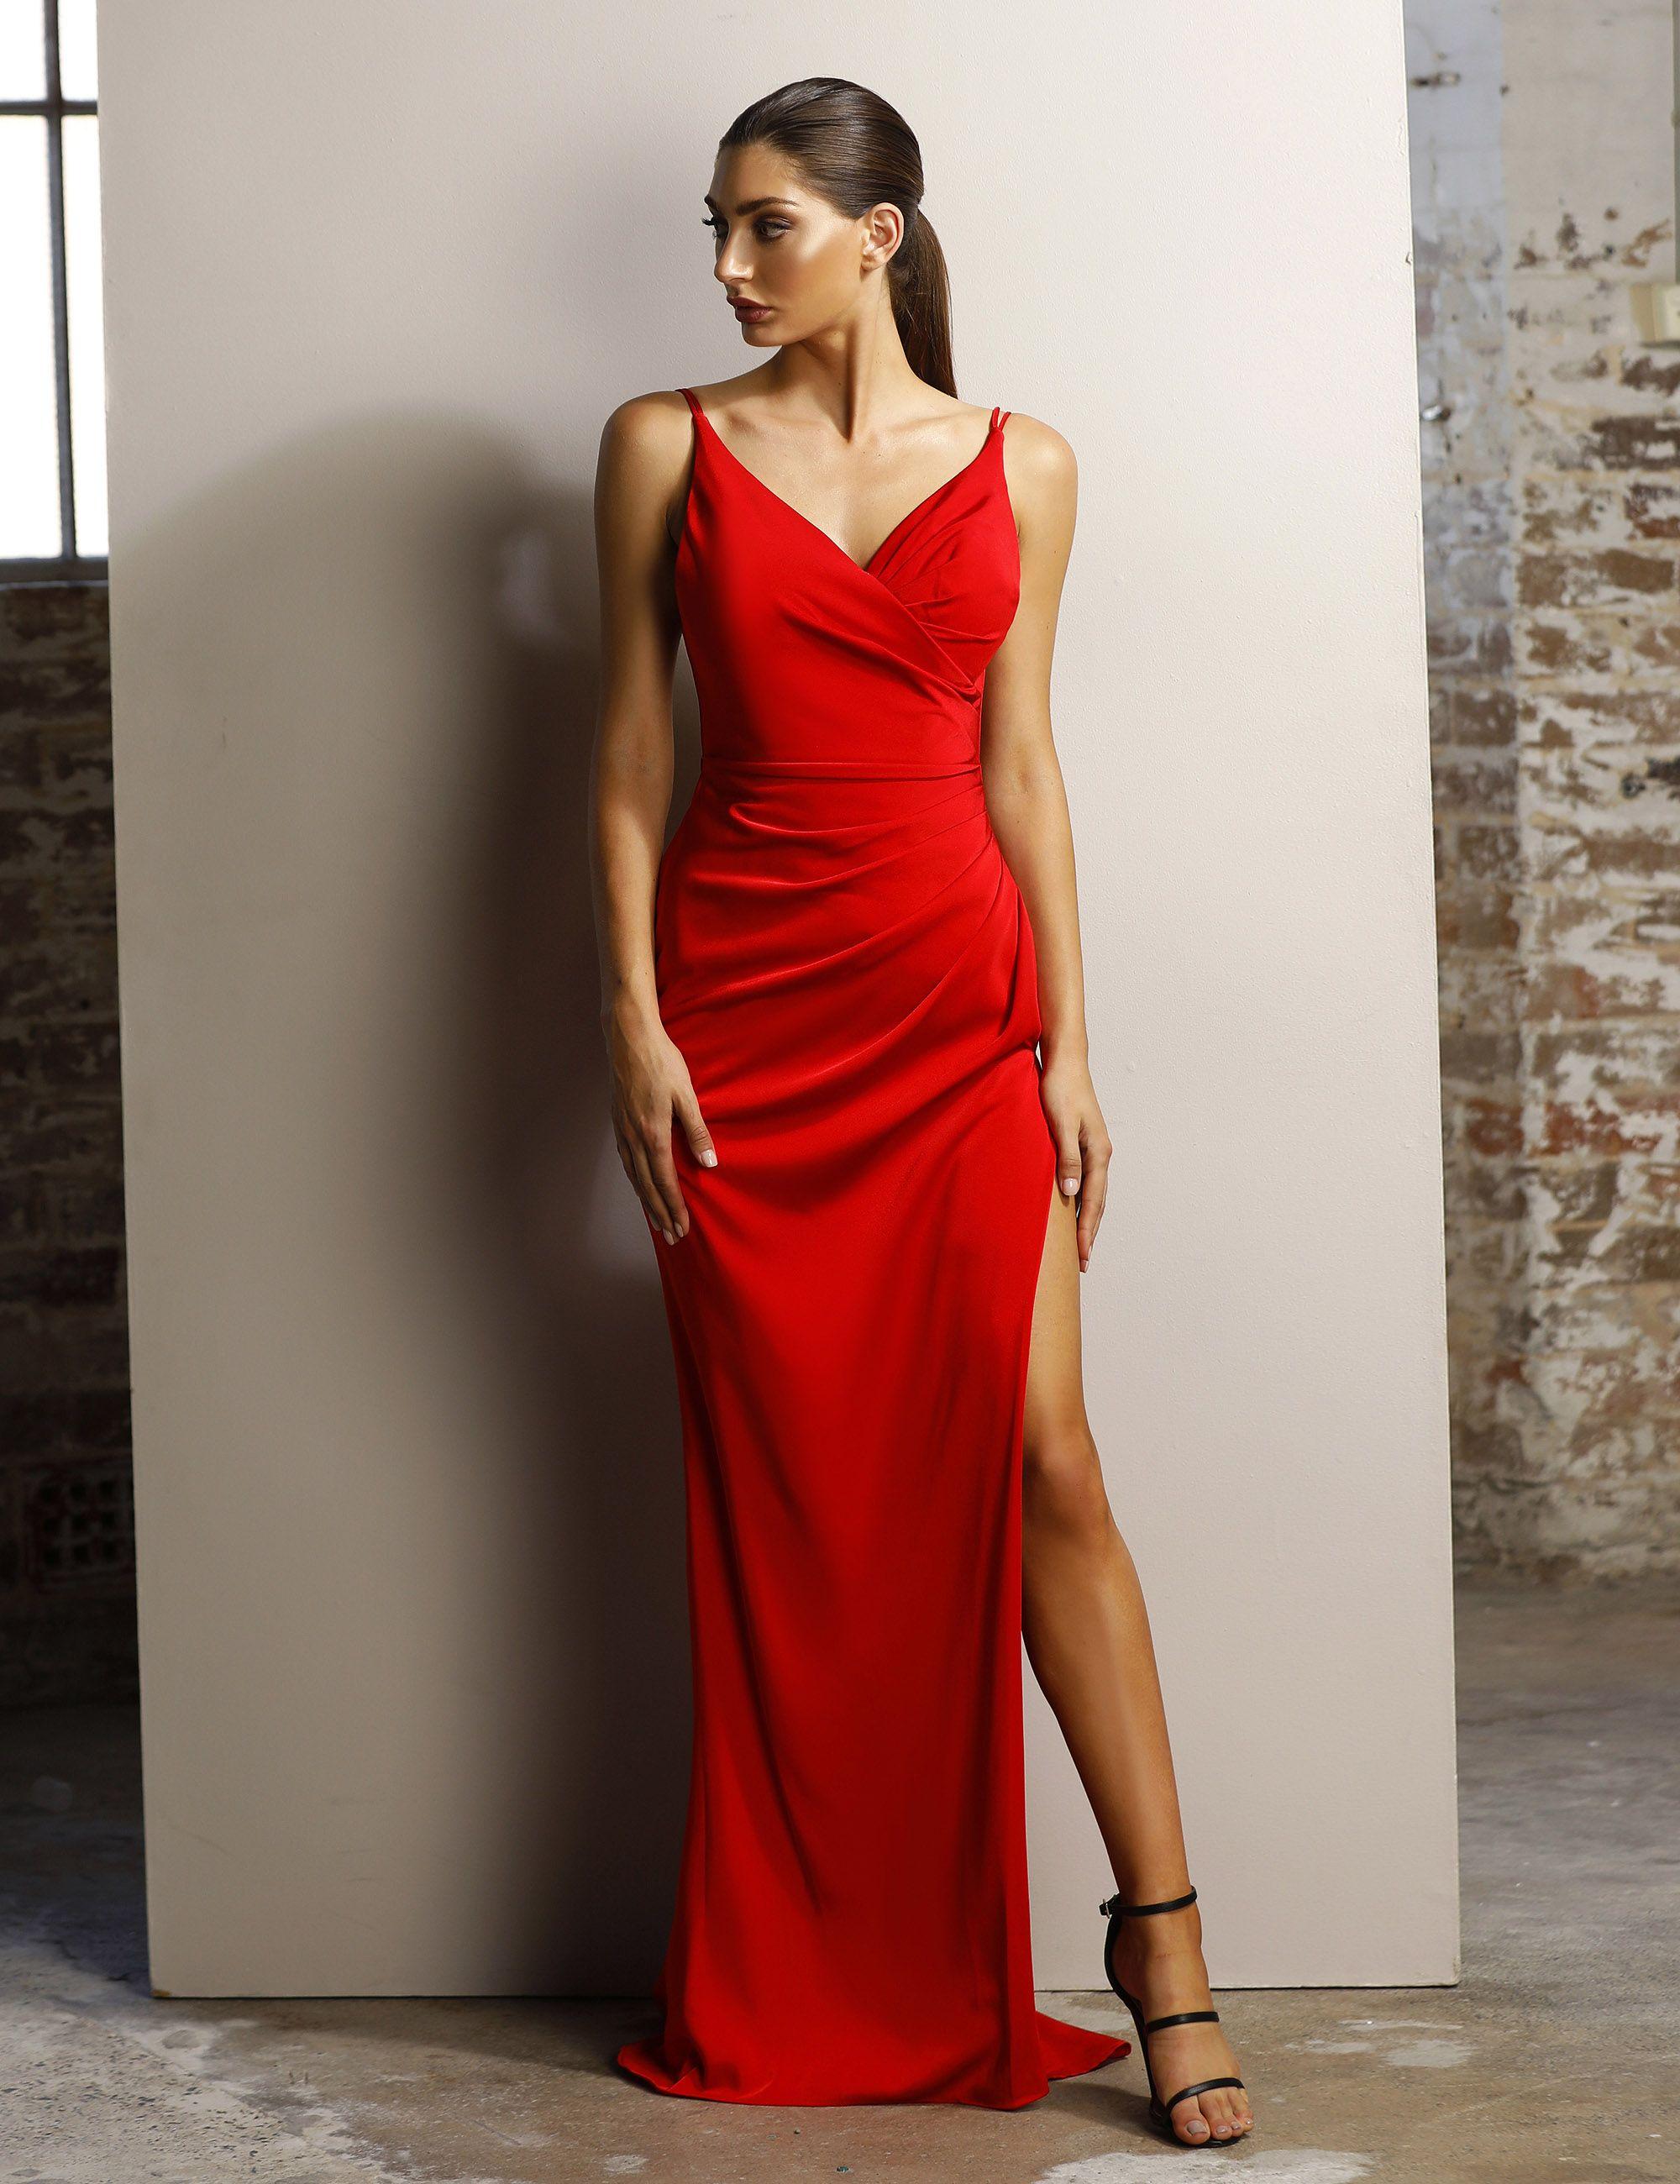 ffb2b643d30 Robe longue rouge décolleté profond